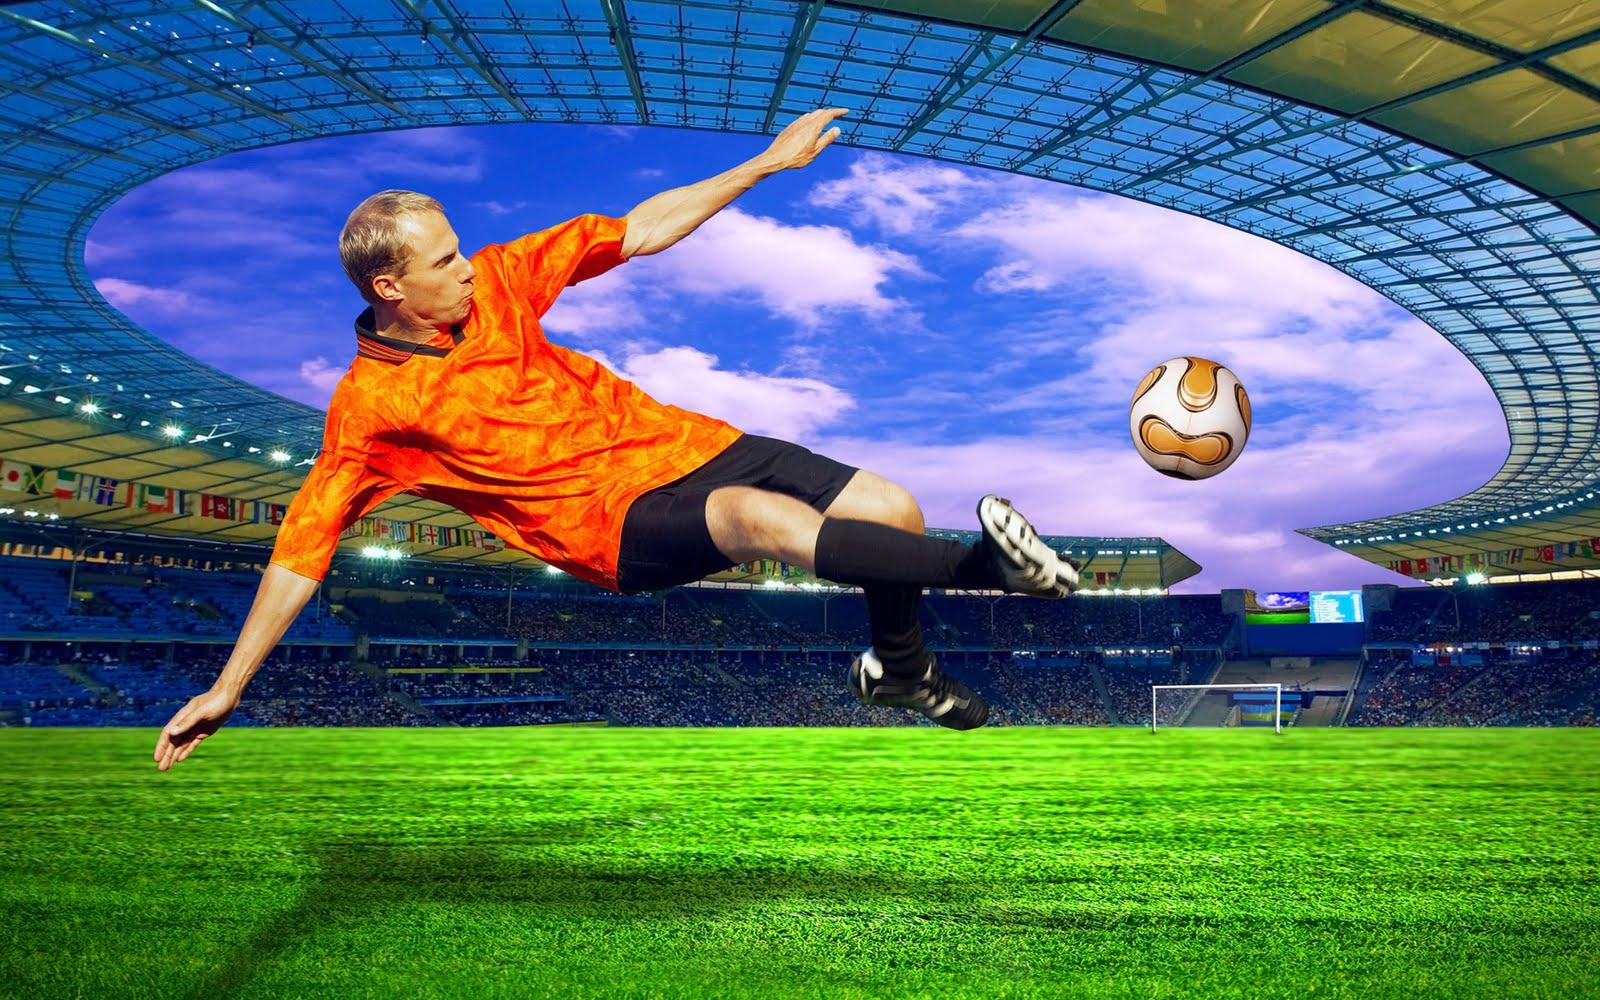 http://4.bp.blogspot.com/_JMdl-D4Jq6w/TDn8HoqWeqI/AAAAAAAANFU/jHWStxsQEwU/s1600/HD_Soccer_20.jpg